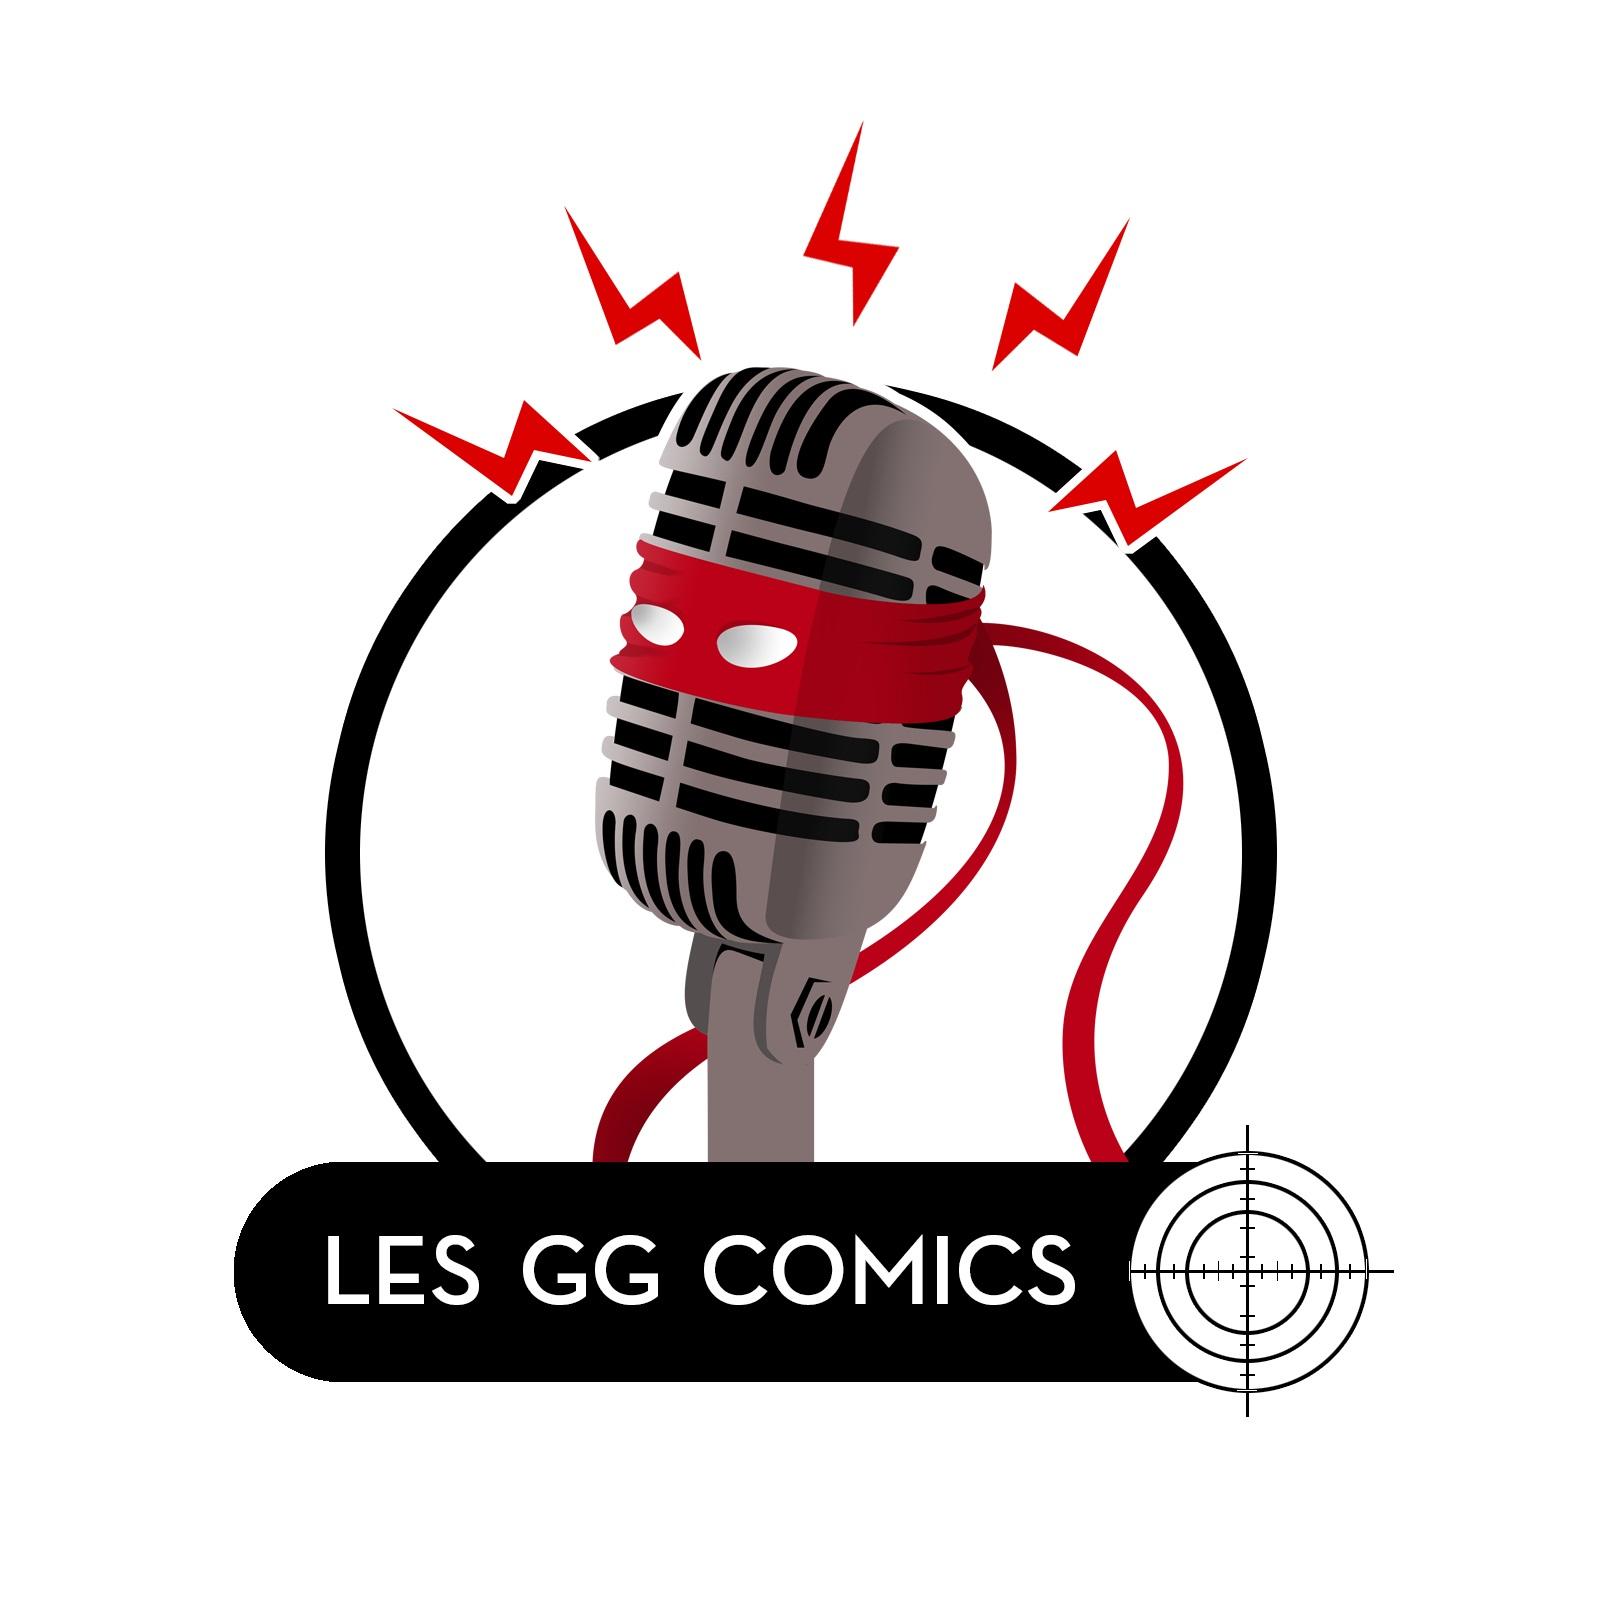 Les GG comics #60 : Les super-héros ont-ils le droit d'aimer ?